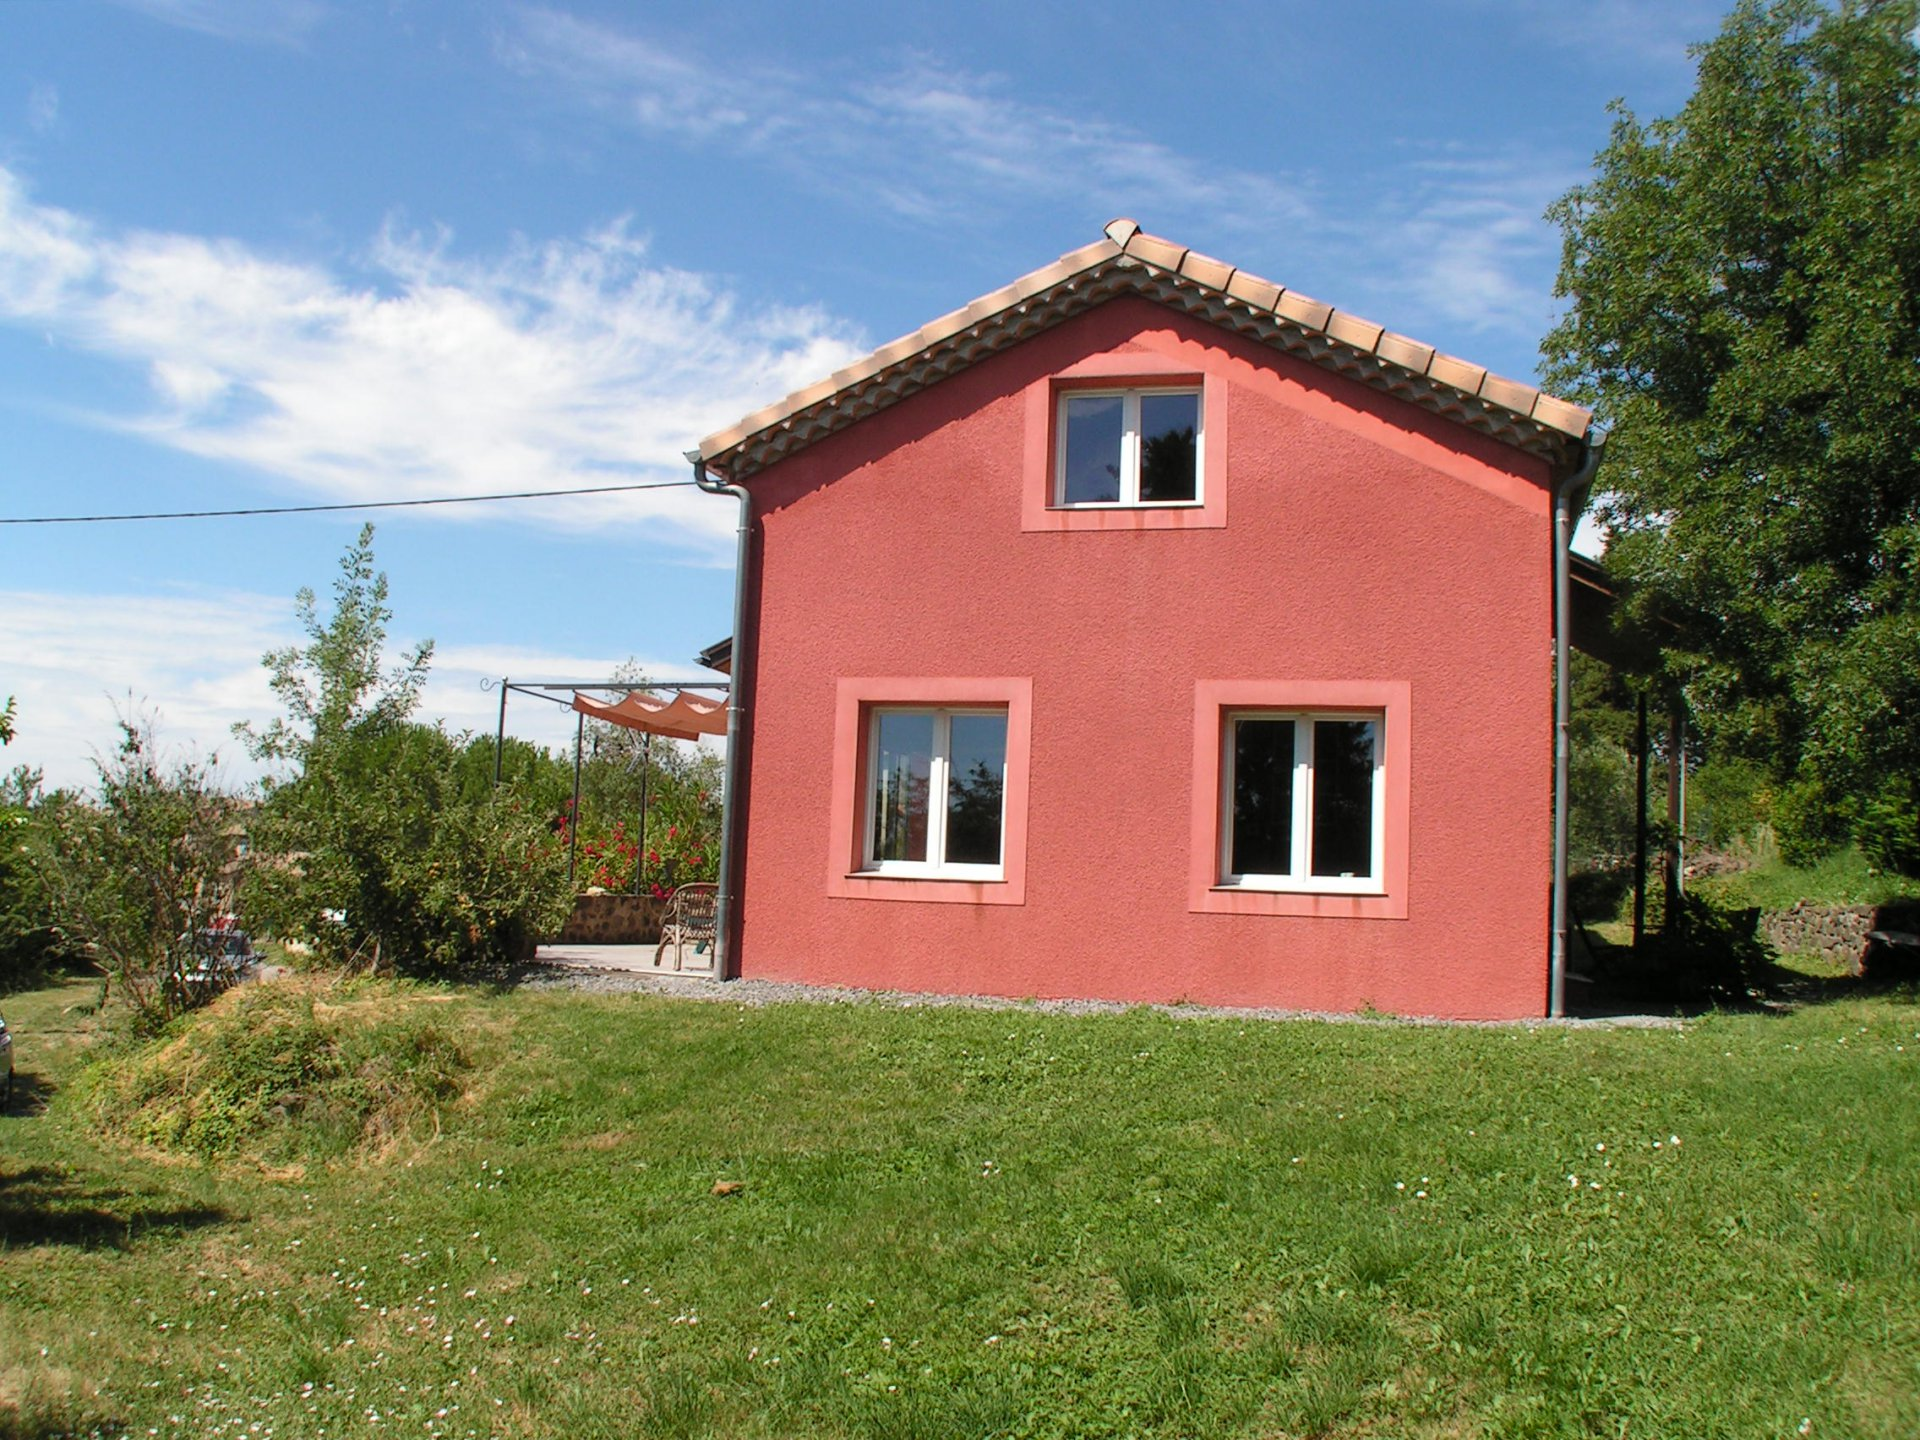 Vente maison spacieuse Saint-Jean-le-Centenier, Ardèche